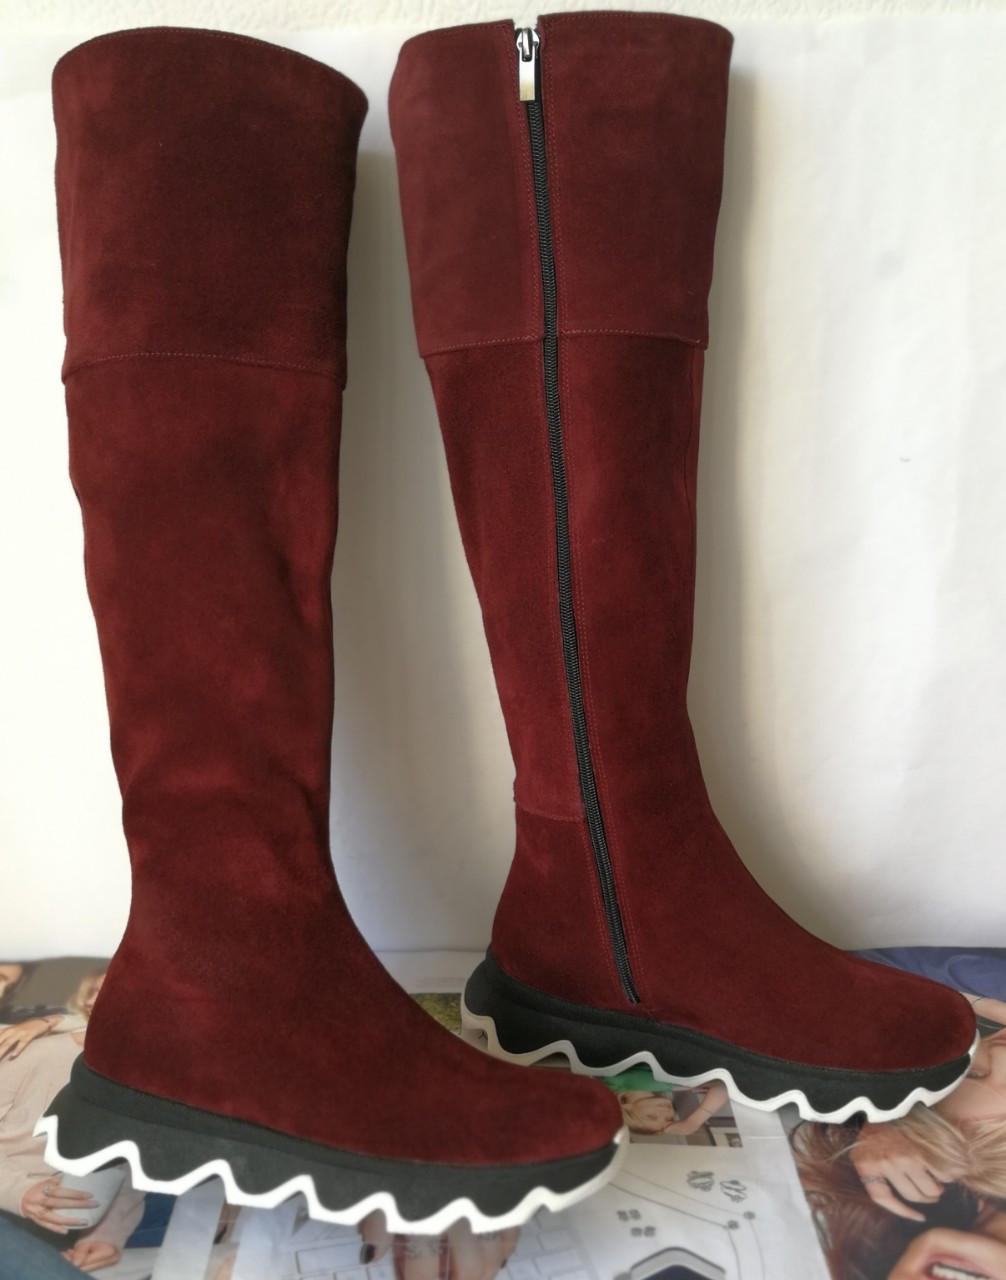 Осенние женские замшевые шикарные ботфорты Mante crazy цвет марсала! Сапоги на змейке деми на еобычной подошве